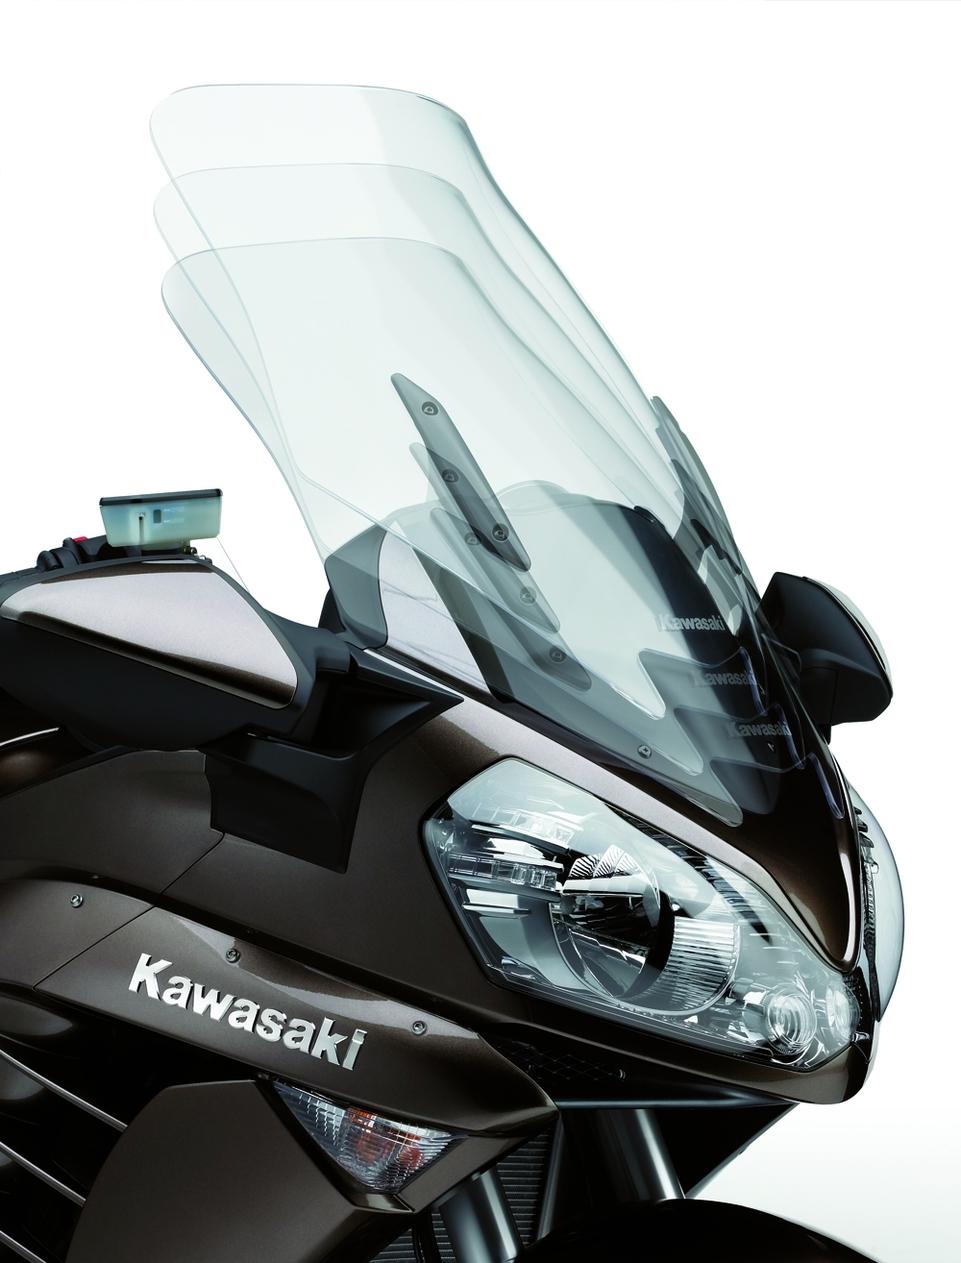 Nouveauté 2010 : Kawasaki GTR 1400 [photos HD + fiche technique]